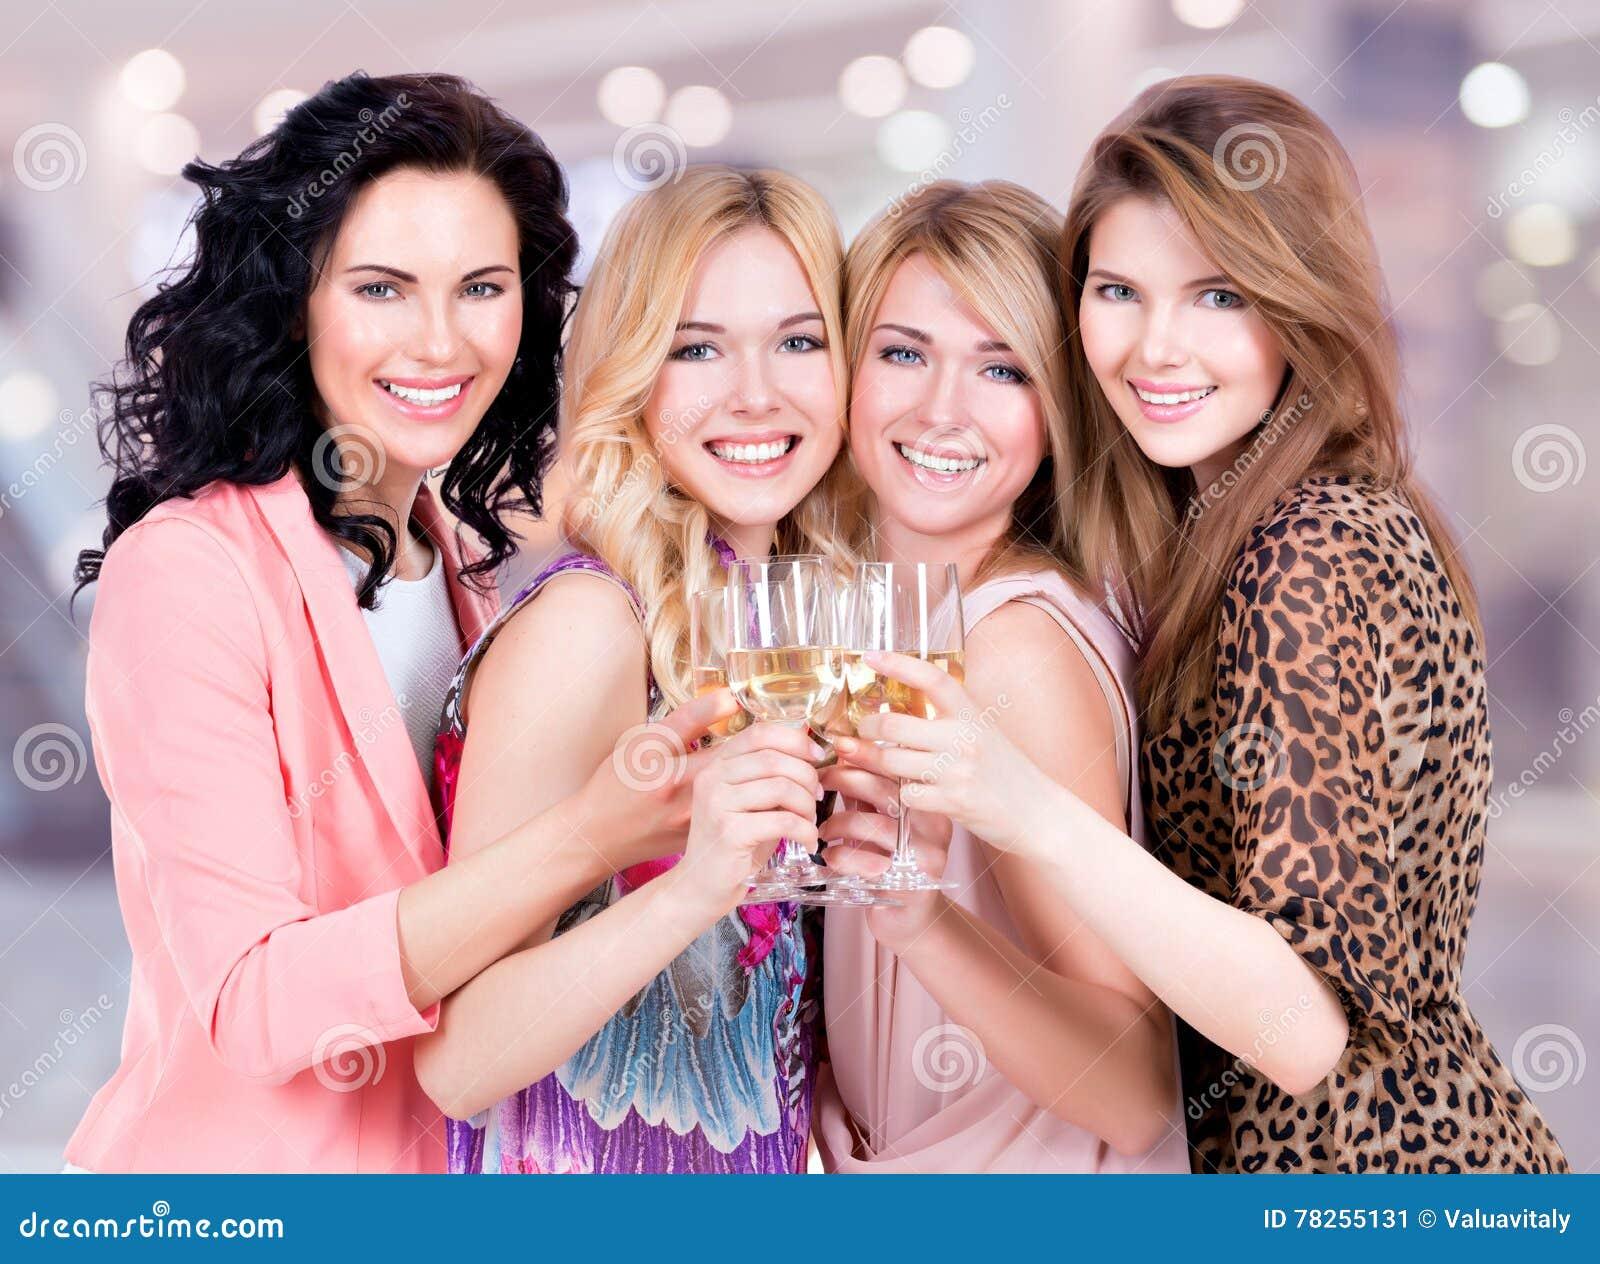 Η ομάδα νέων ευτυχών γυναικών έχει ένα κόμμα